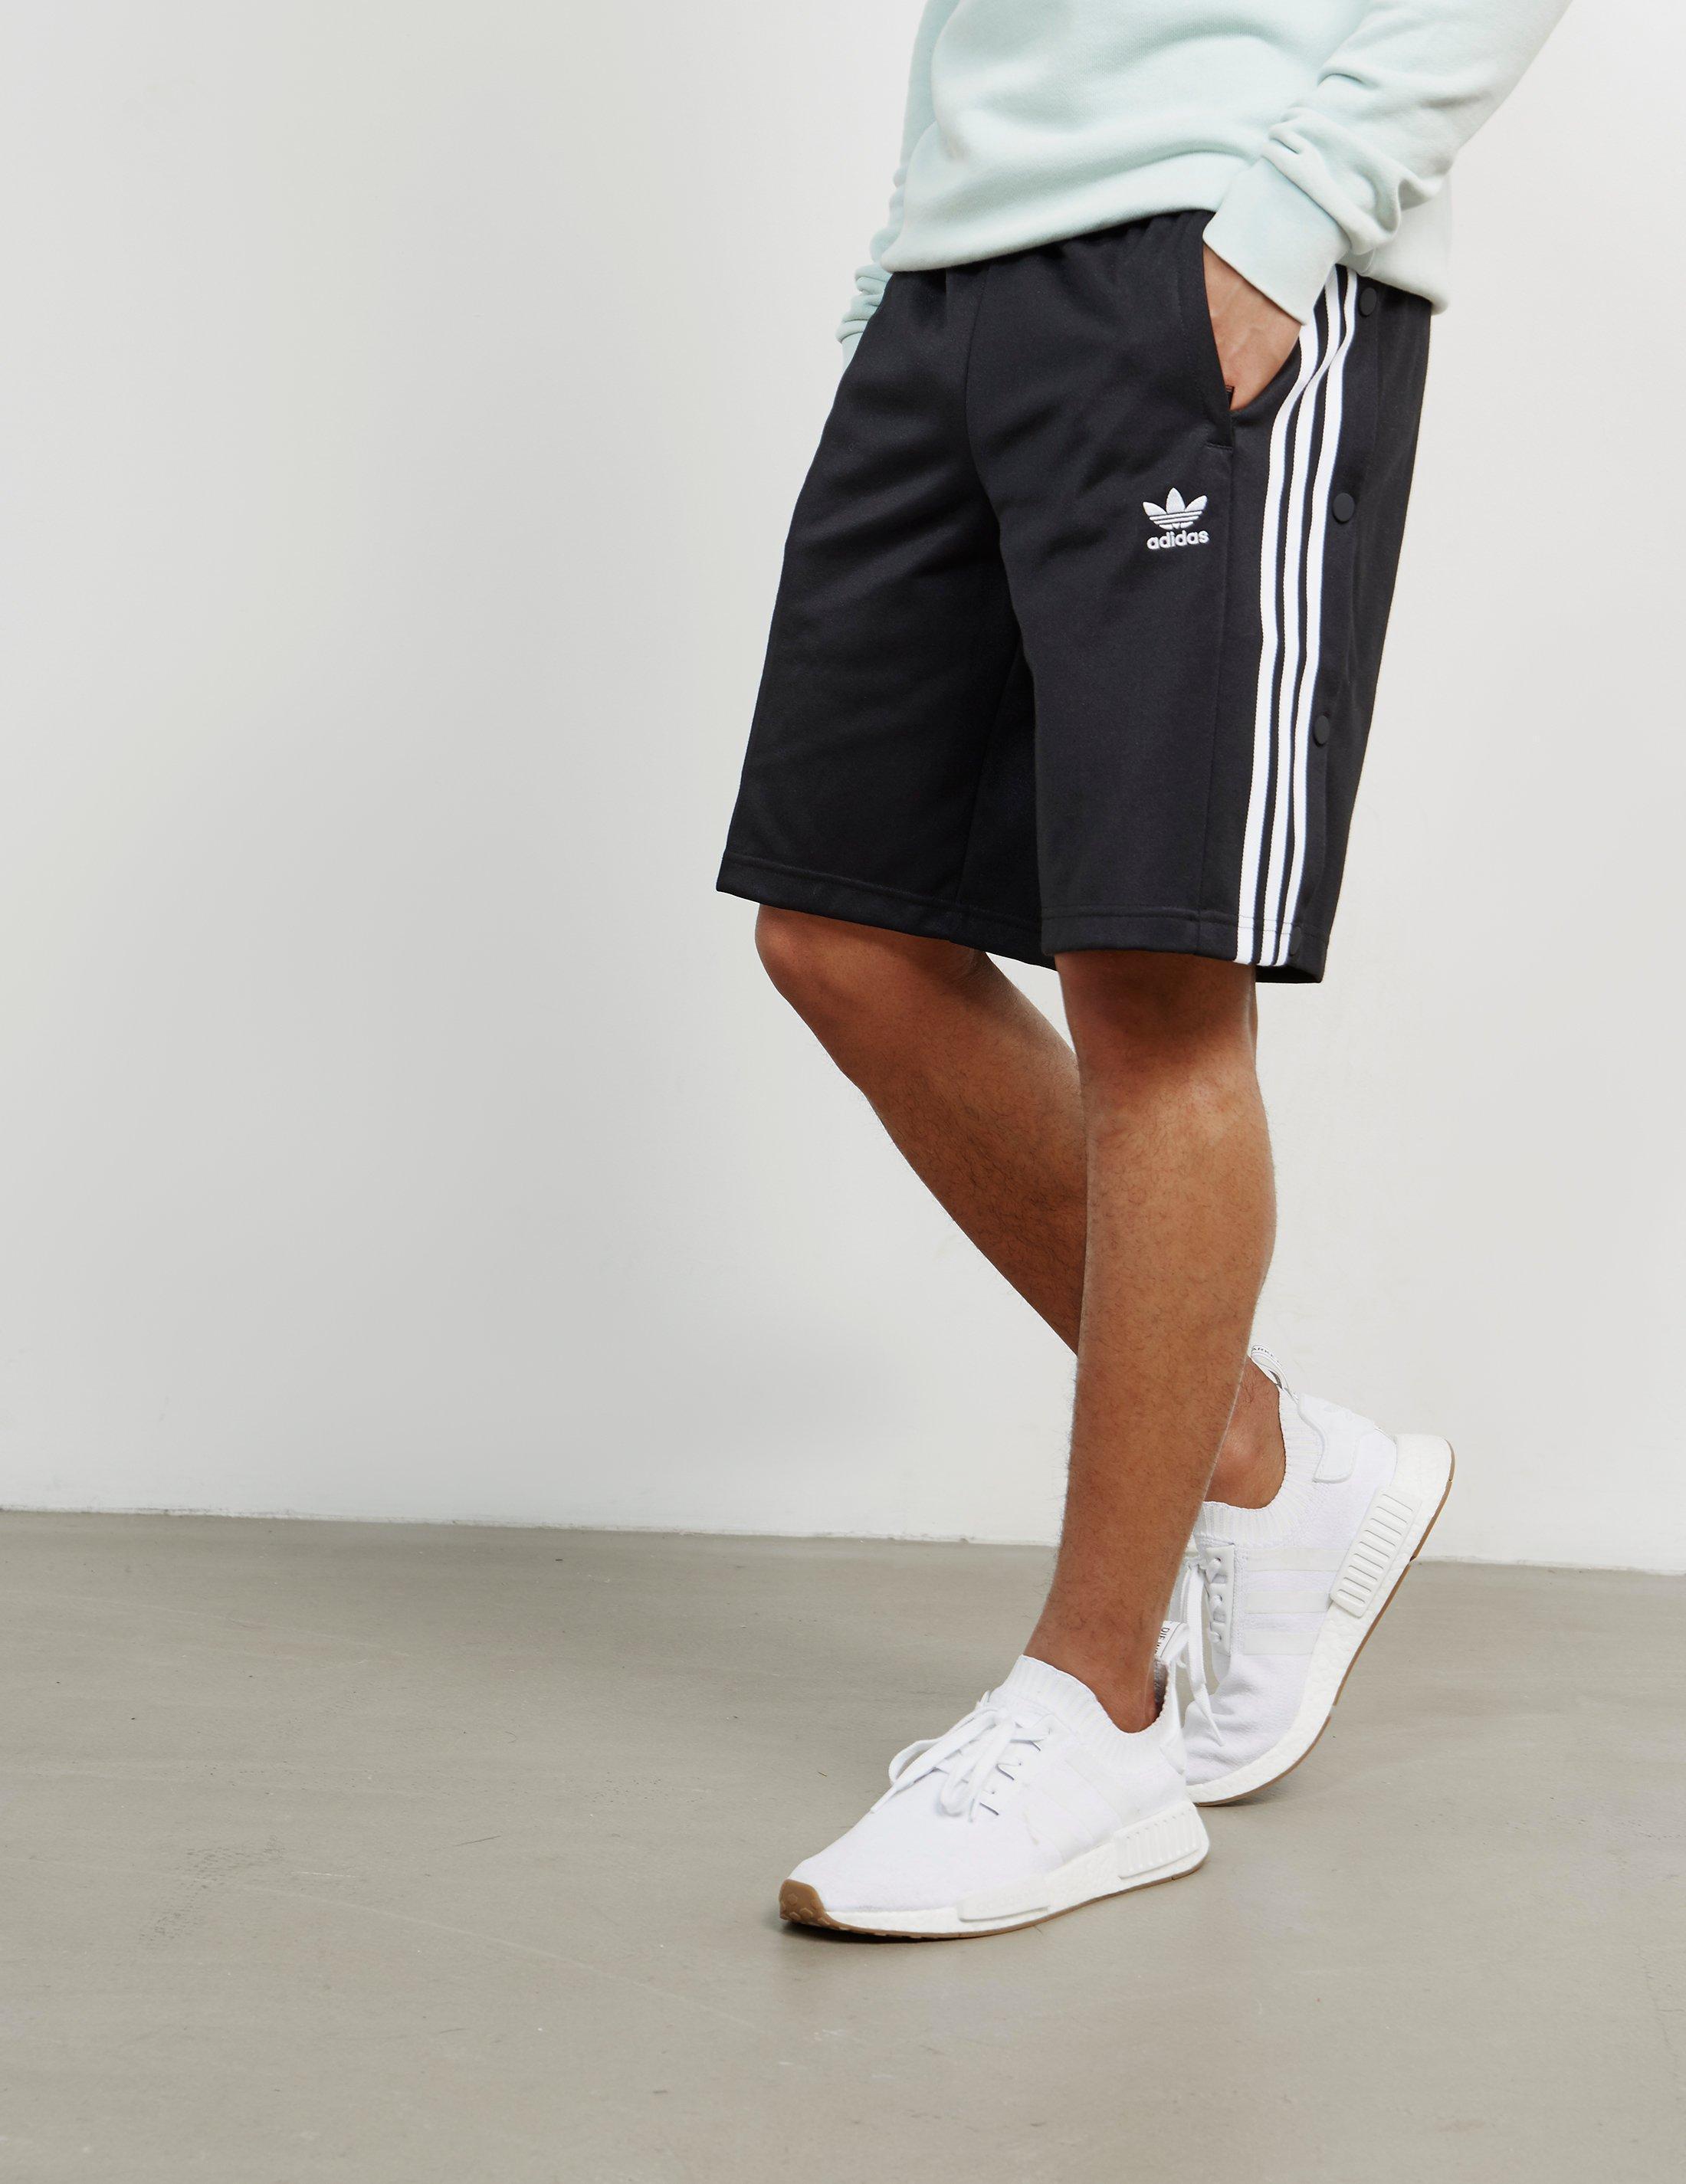 39d47dfa064a8 Lyst - adidas Originals Mens Snap Button Shorts Black in Black for Men